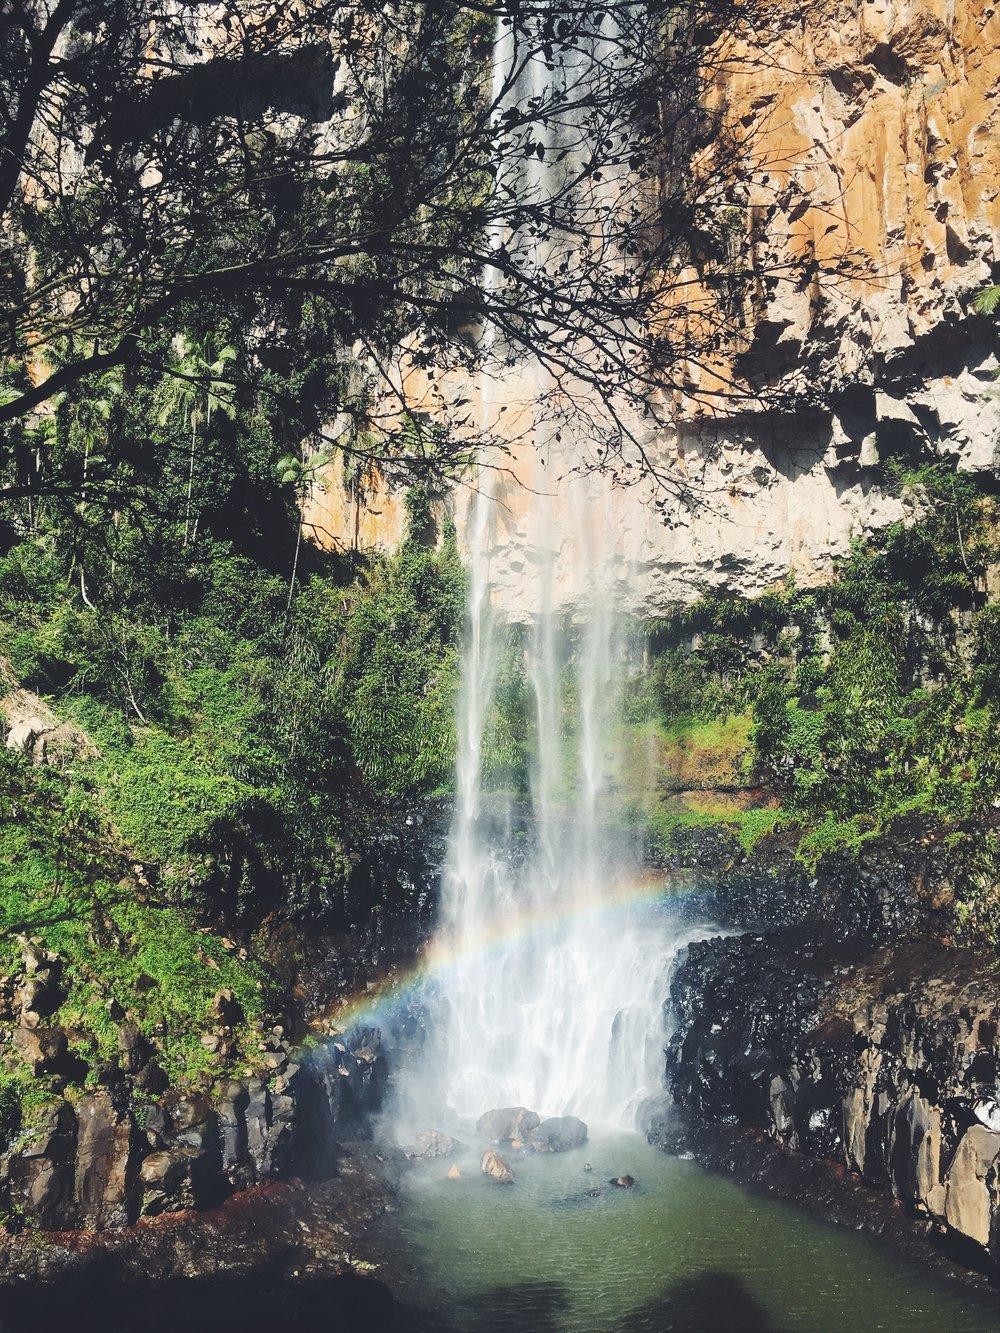 chasingwaterfalls